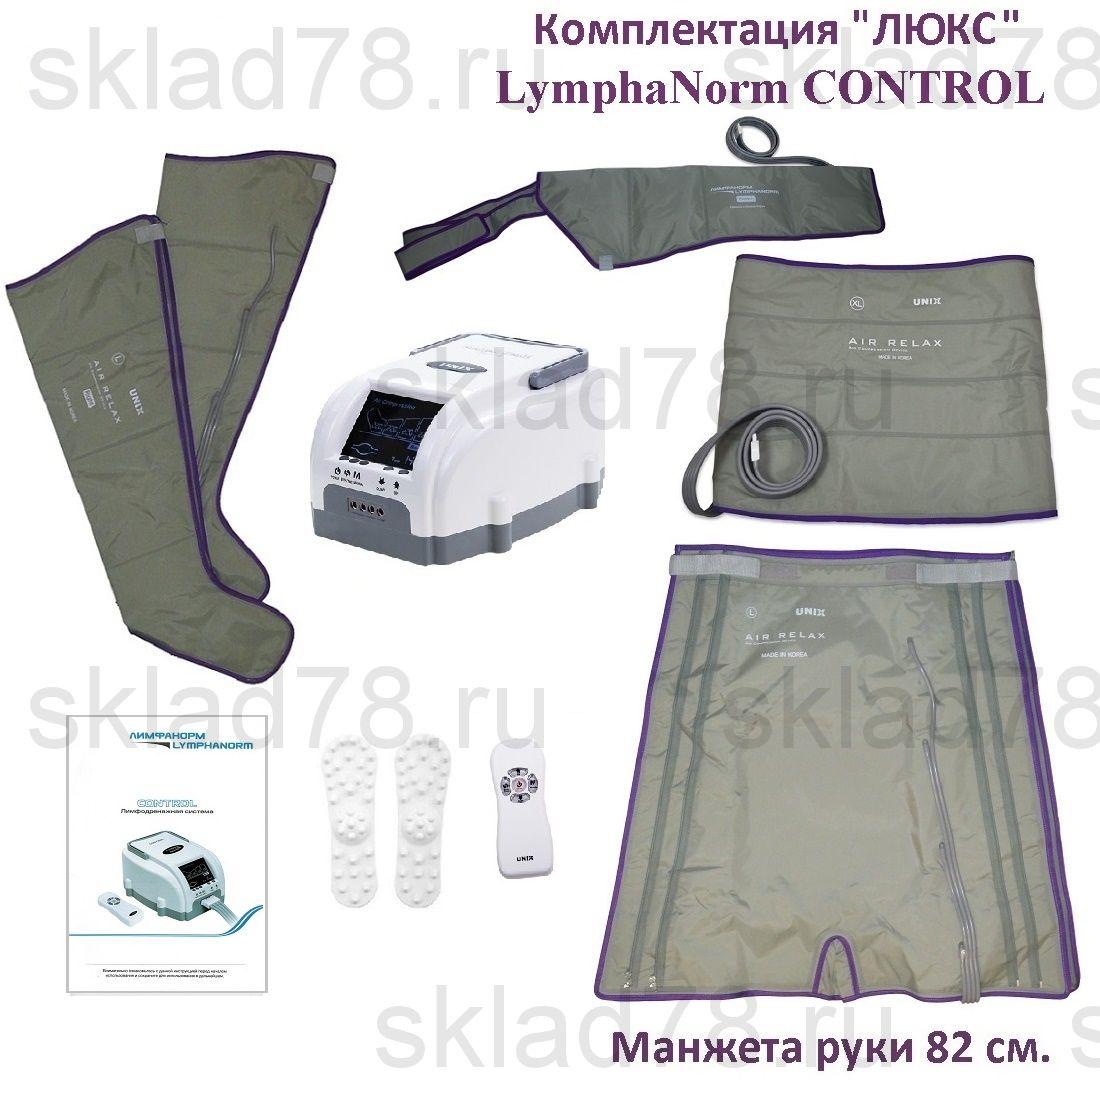 """LymphaNorm CONTROL Лимфодренаж """"ЛЮКС"""" (рука 82 см.)"""